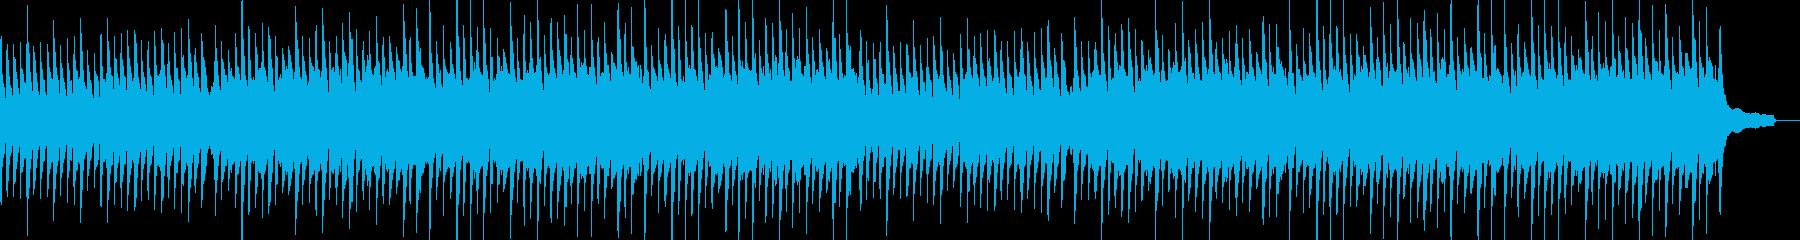 シネマティックなピアノとストリングス4Lの再生済みの波形